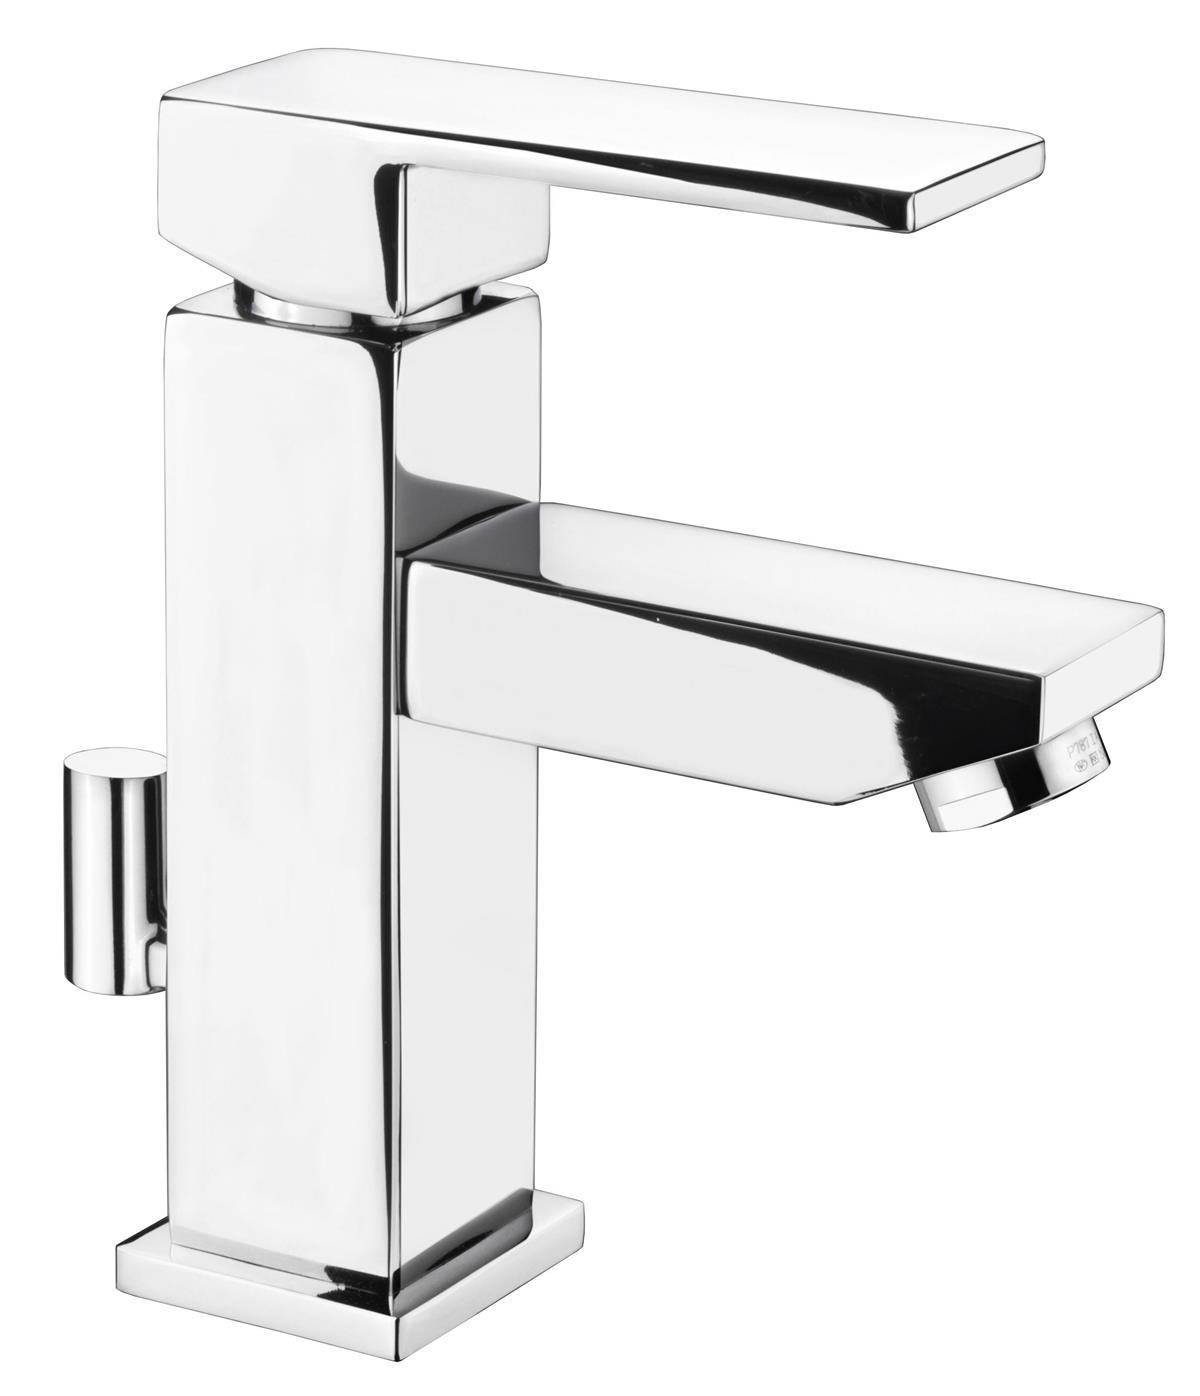 badezimmer schrank waschtisch waschbecken unterschrank spiegel led aloha v2 wei ebay. Black Bedroom Furniture Sets. Home Design Ideas